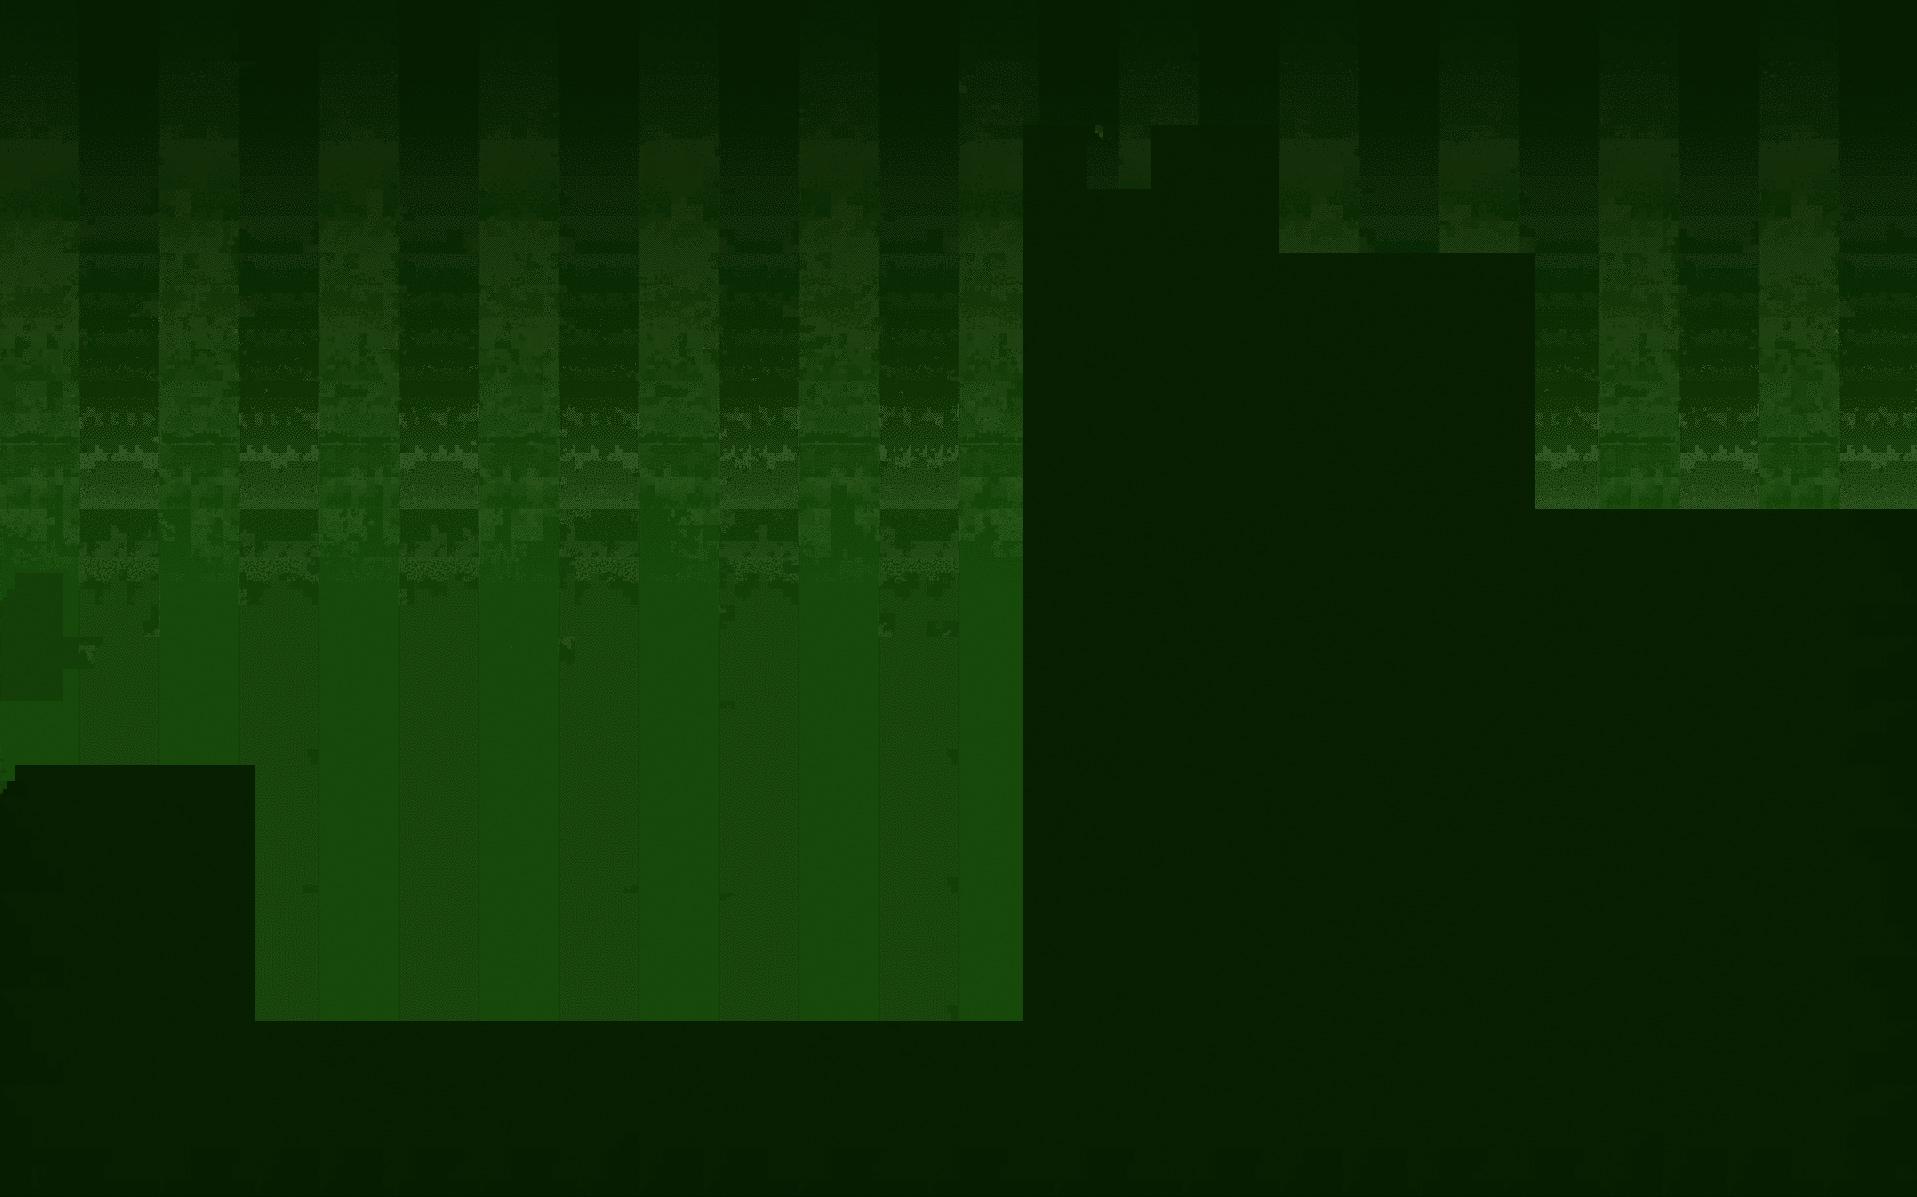 Darstellungsfehler: Grüne, artefakthafte Blockbildung.